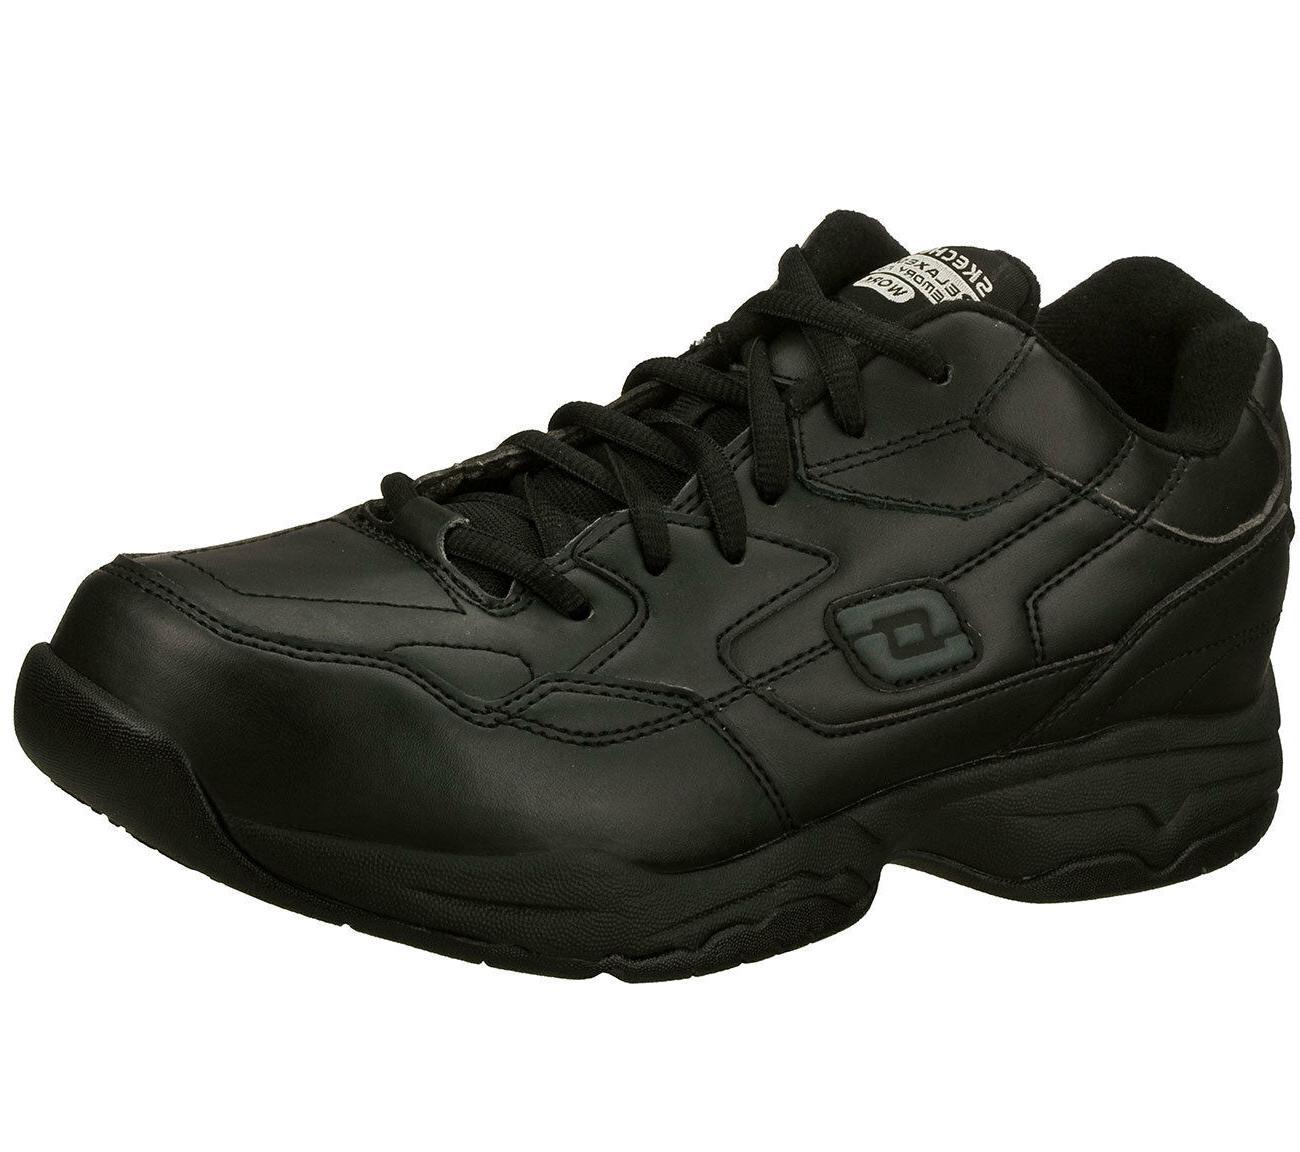 77032 black shoe memory foam work men